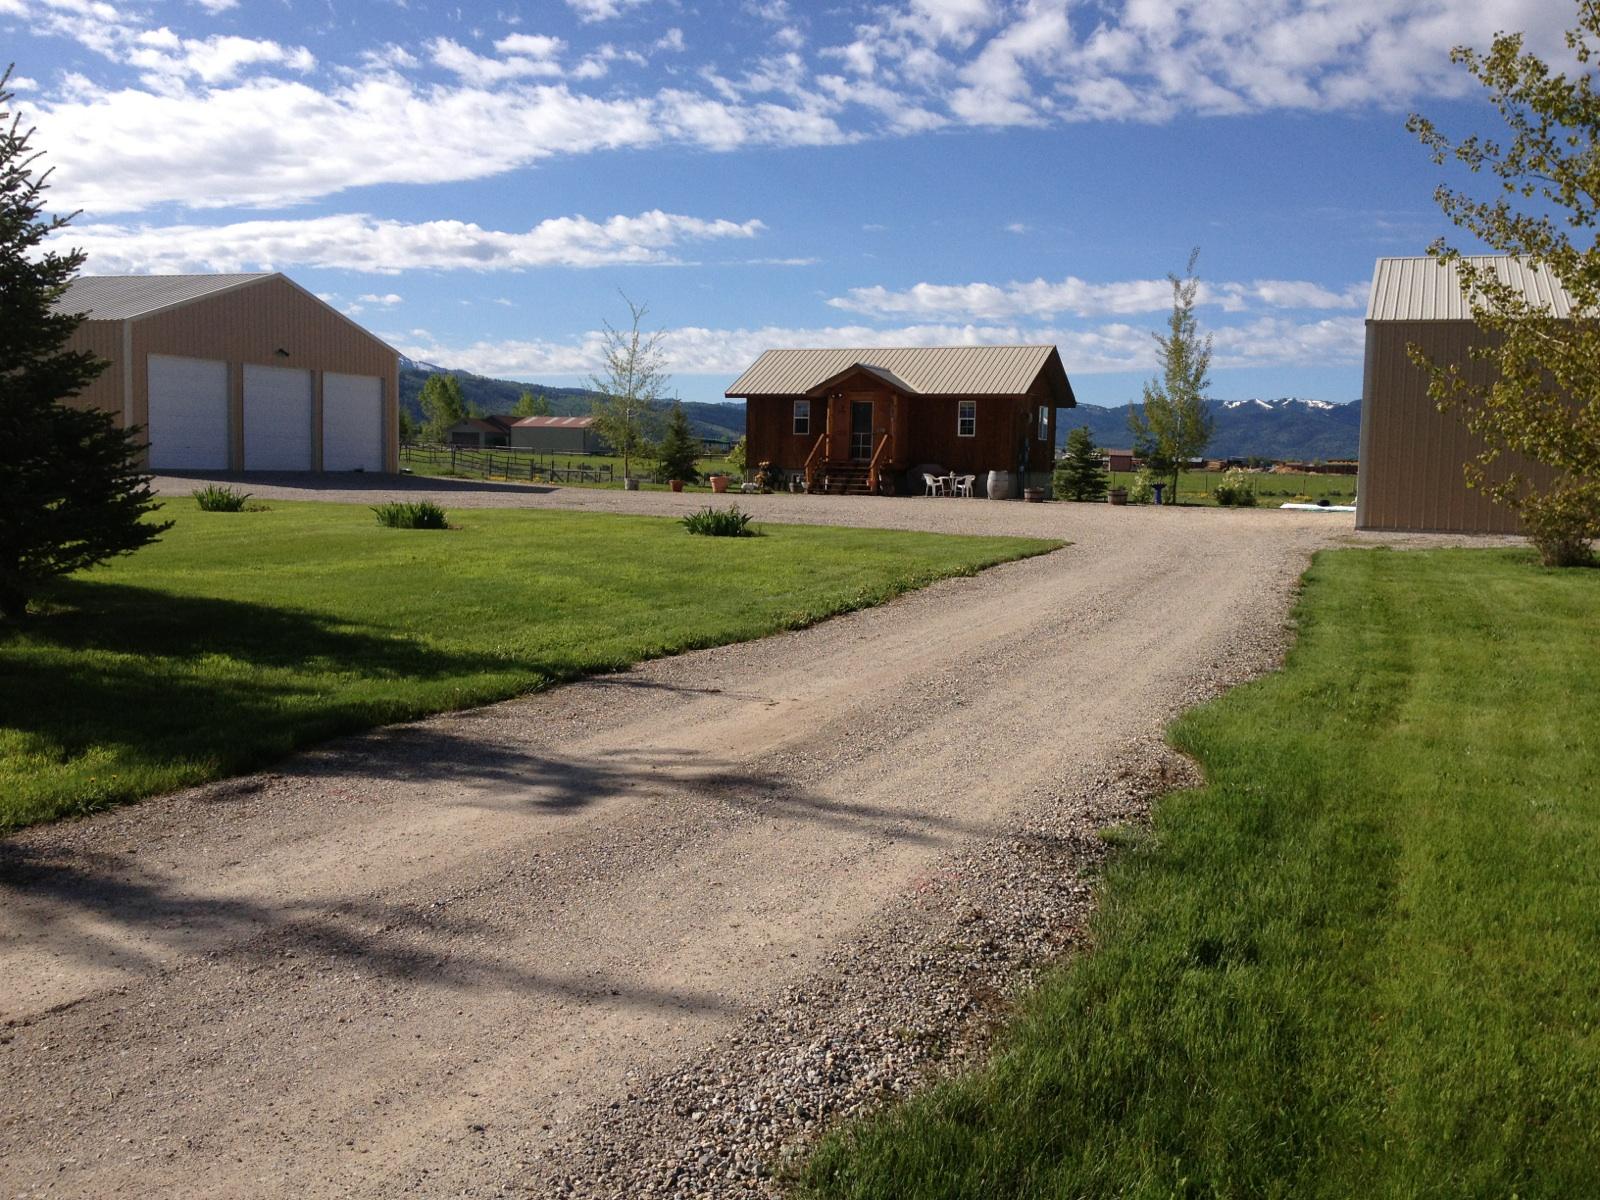 Tek Ailelik Ev için Satış at Victor Home with 6 Garage Bays, No CCR's 593 JACKALOPE WAY Victor, Idaho, 83455 Jackson Hole, Amerika Birleşik Devletleri